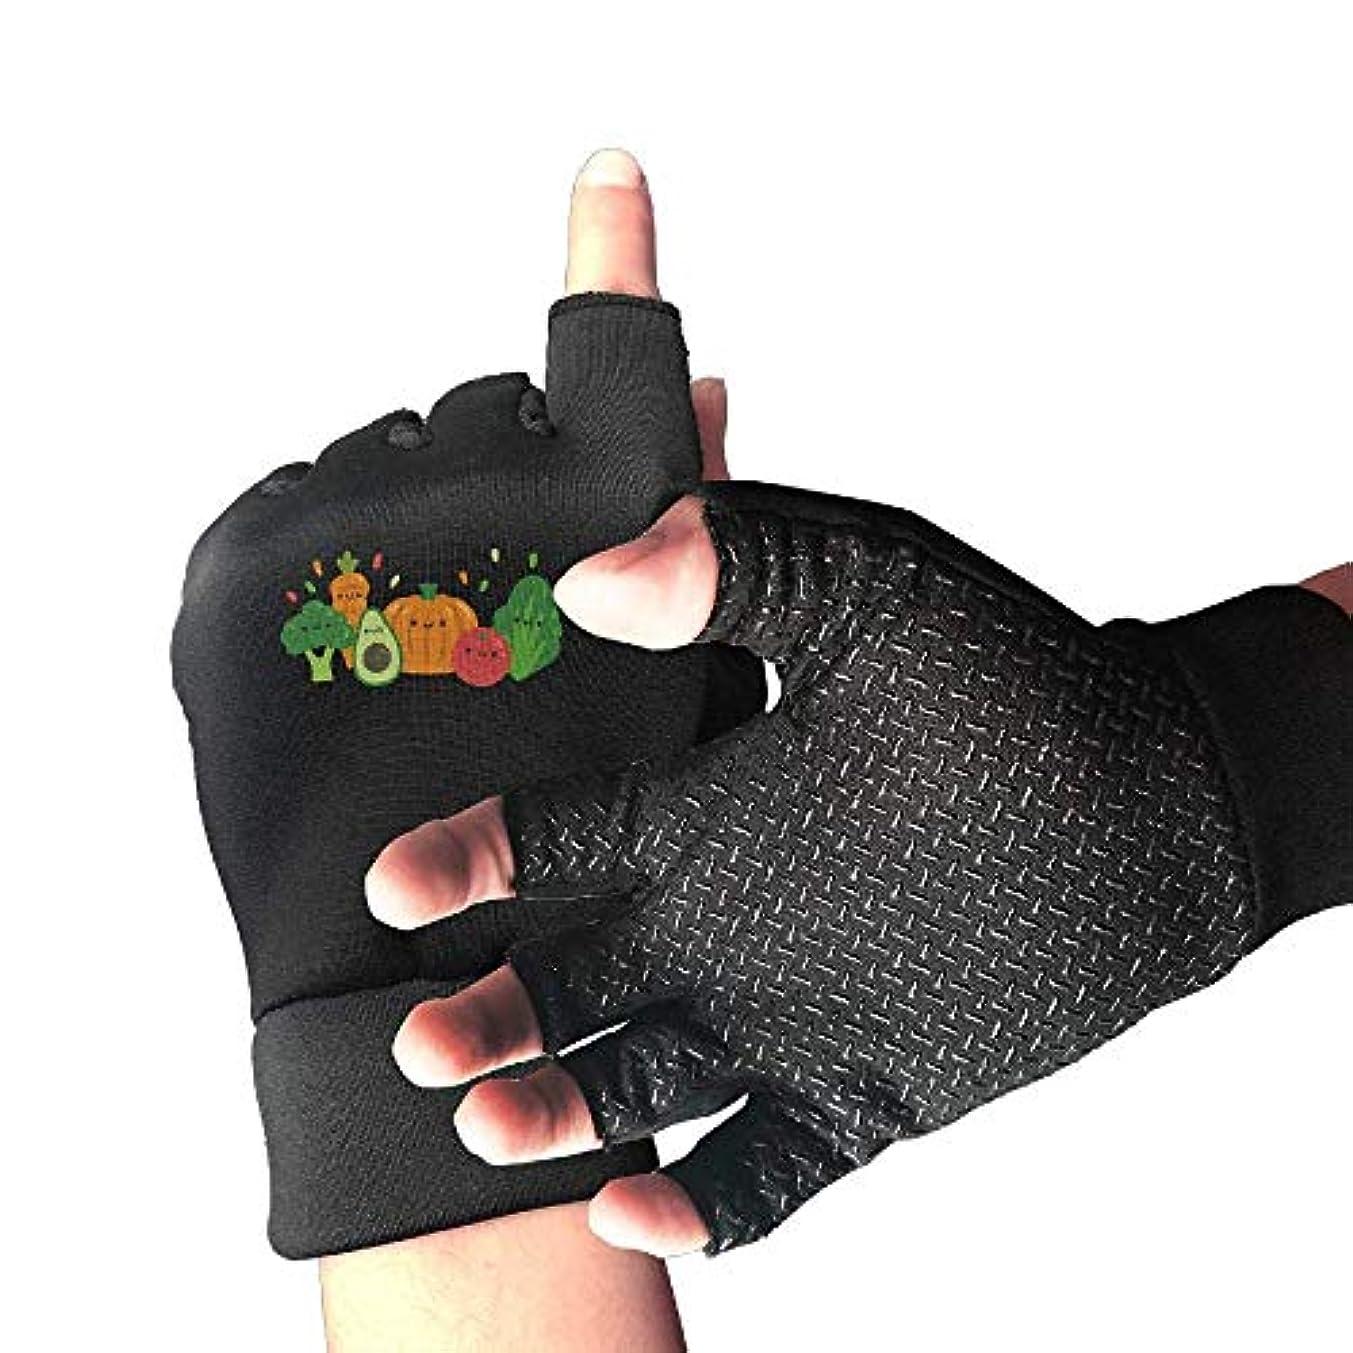 解説祖母ジュースCycling Gloves Fresh Vegetables Men's/Women's Mountain Bike Gloves Half Finger Anti-Slip Motorcycle Gloves